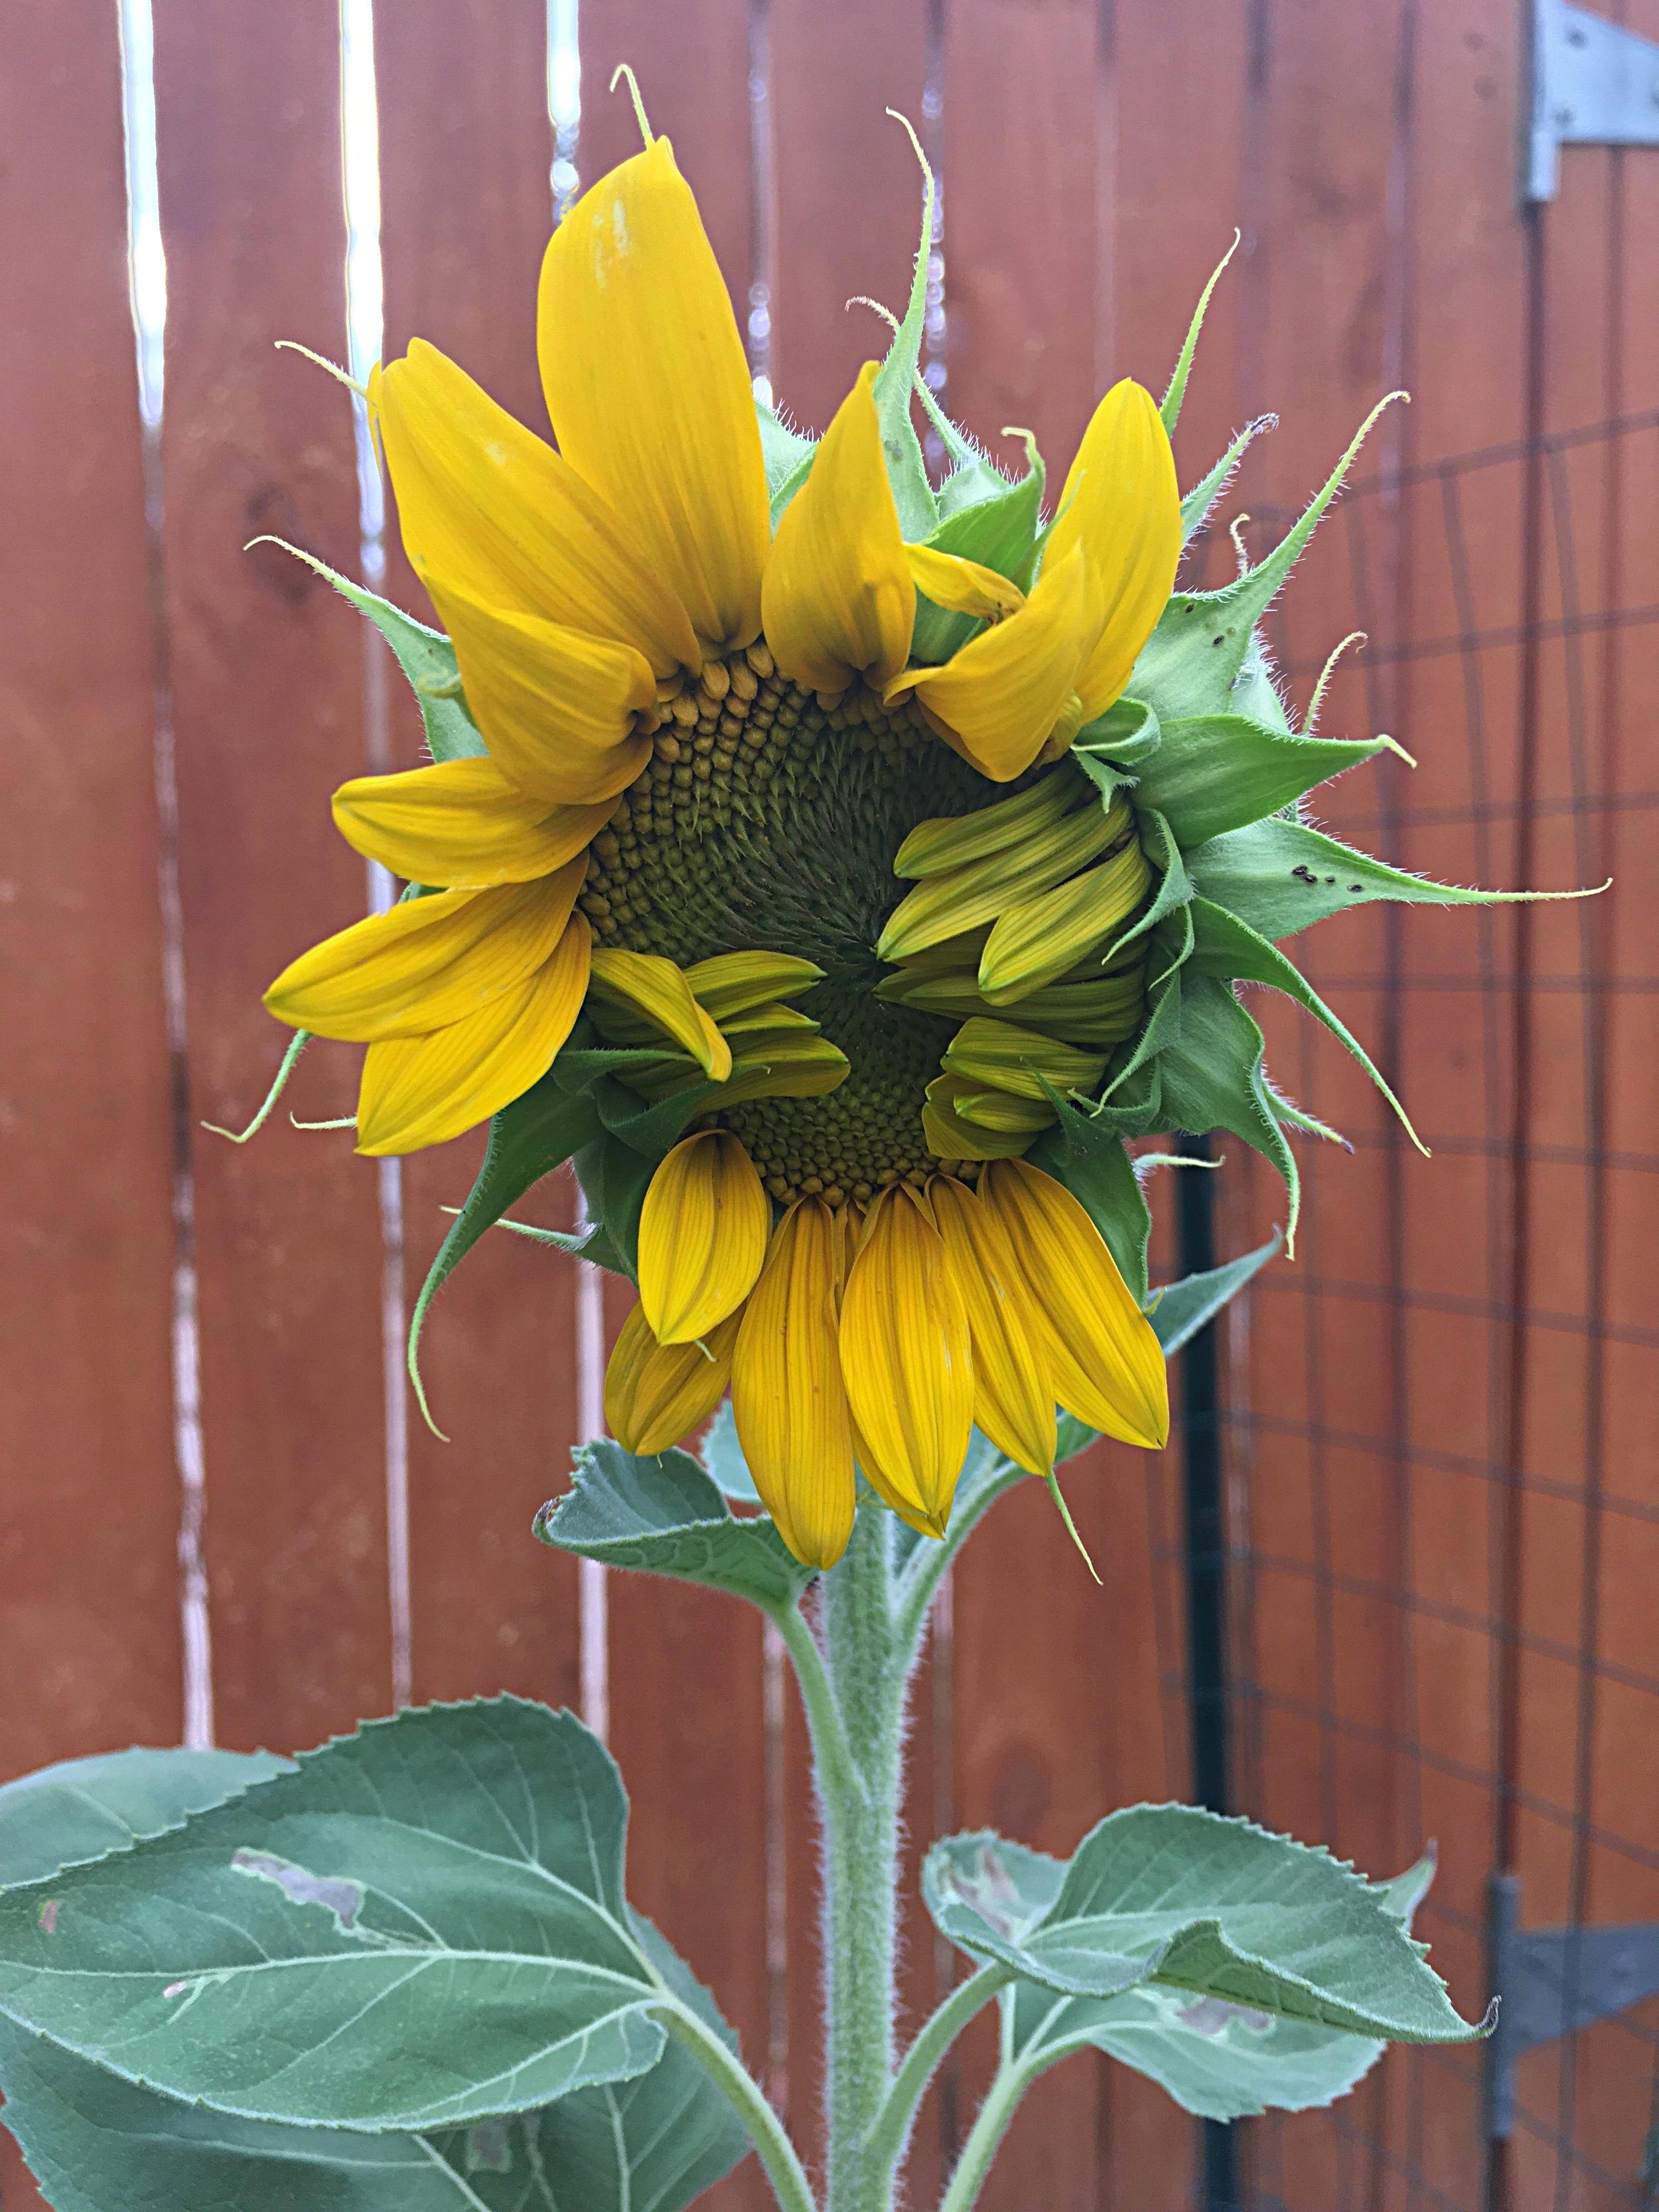 Sunflower growth.jpeg